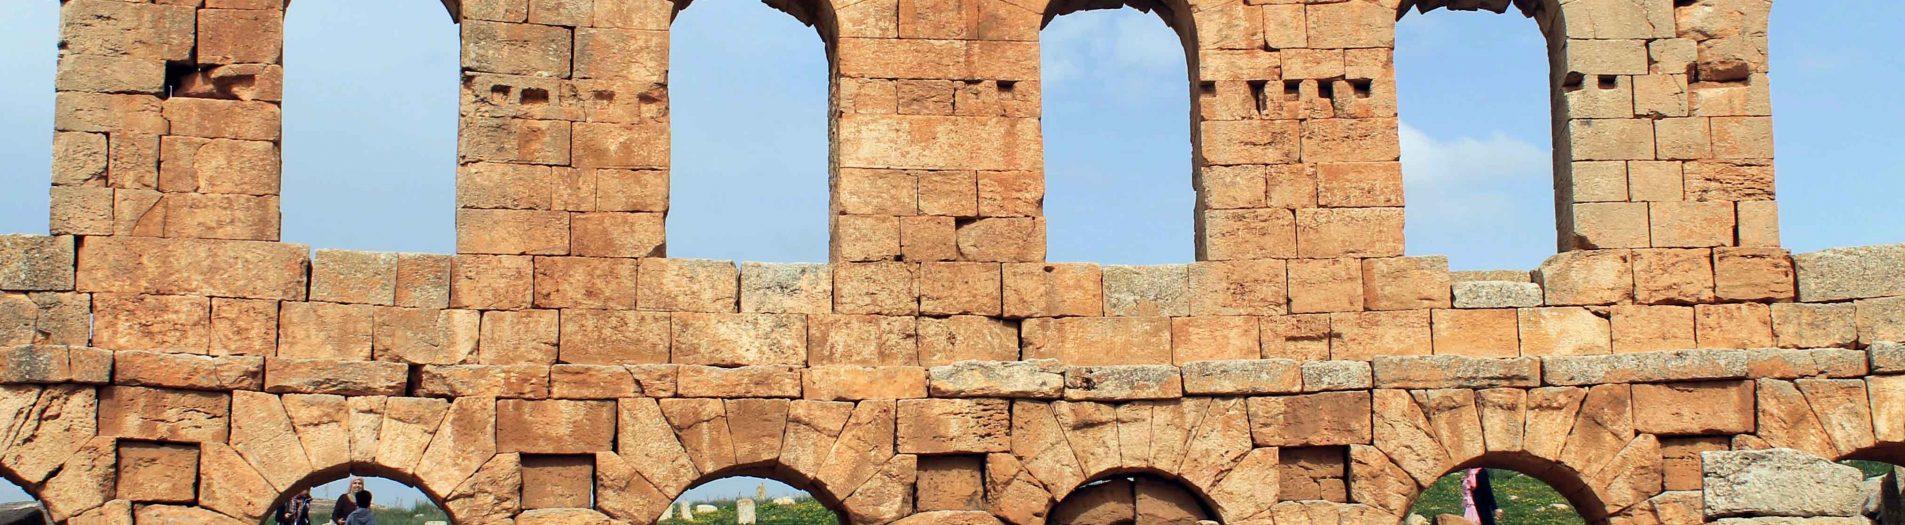 Althiburos ou El Mdeina التبيروس أو المدينة